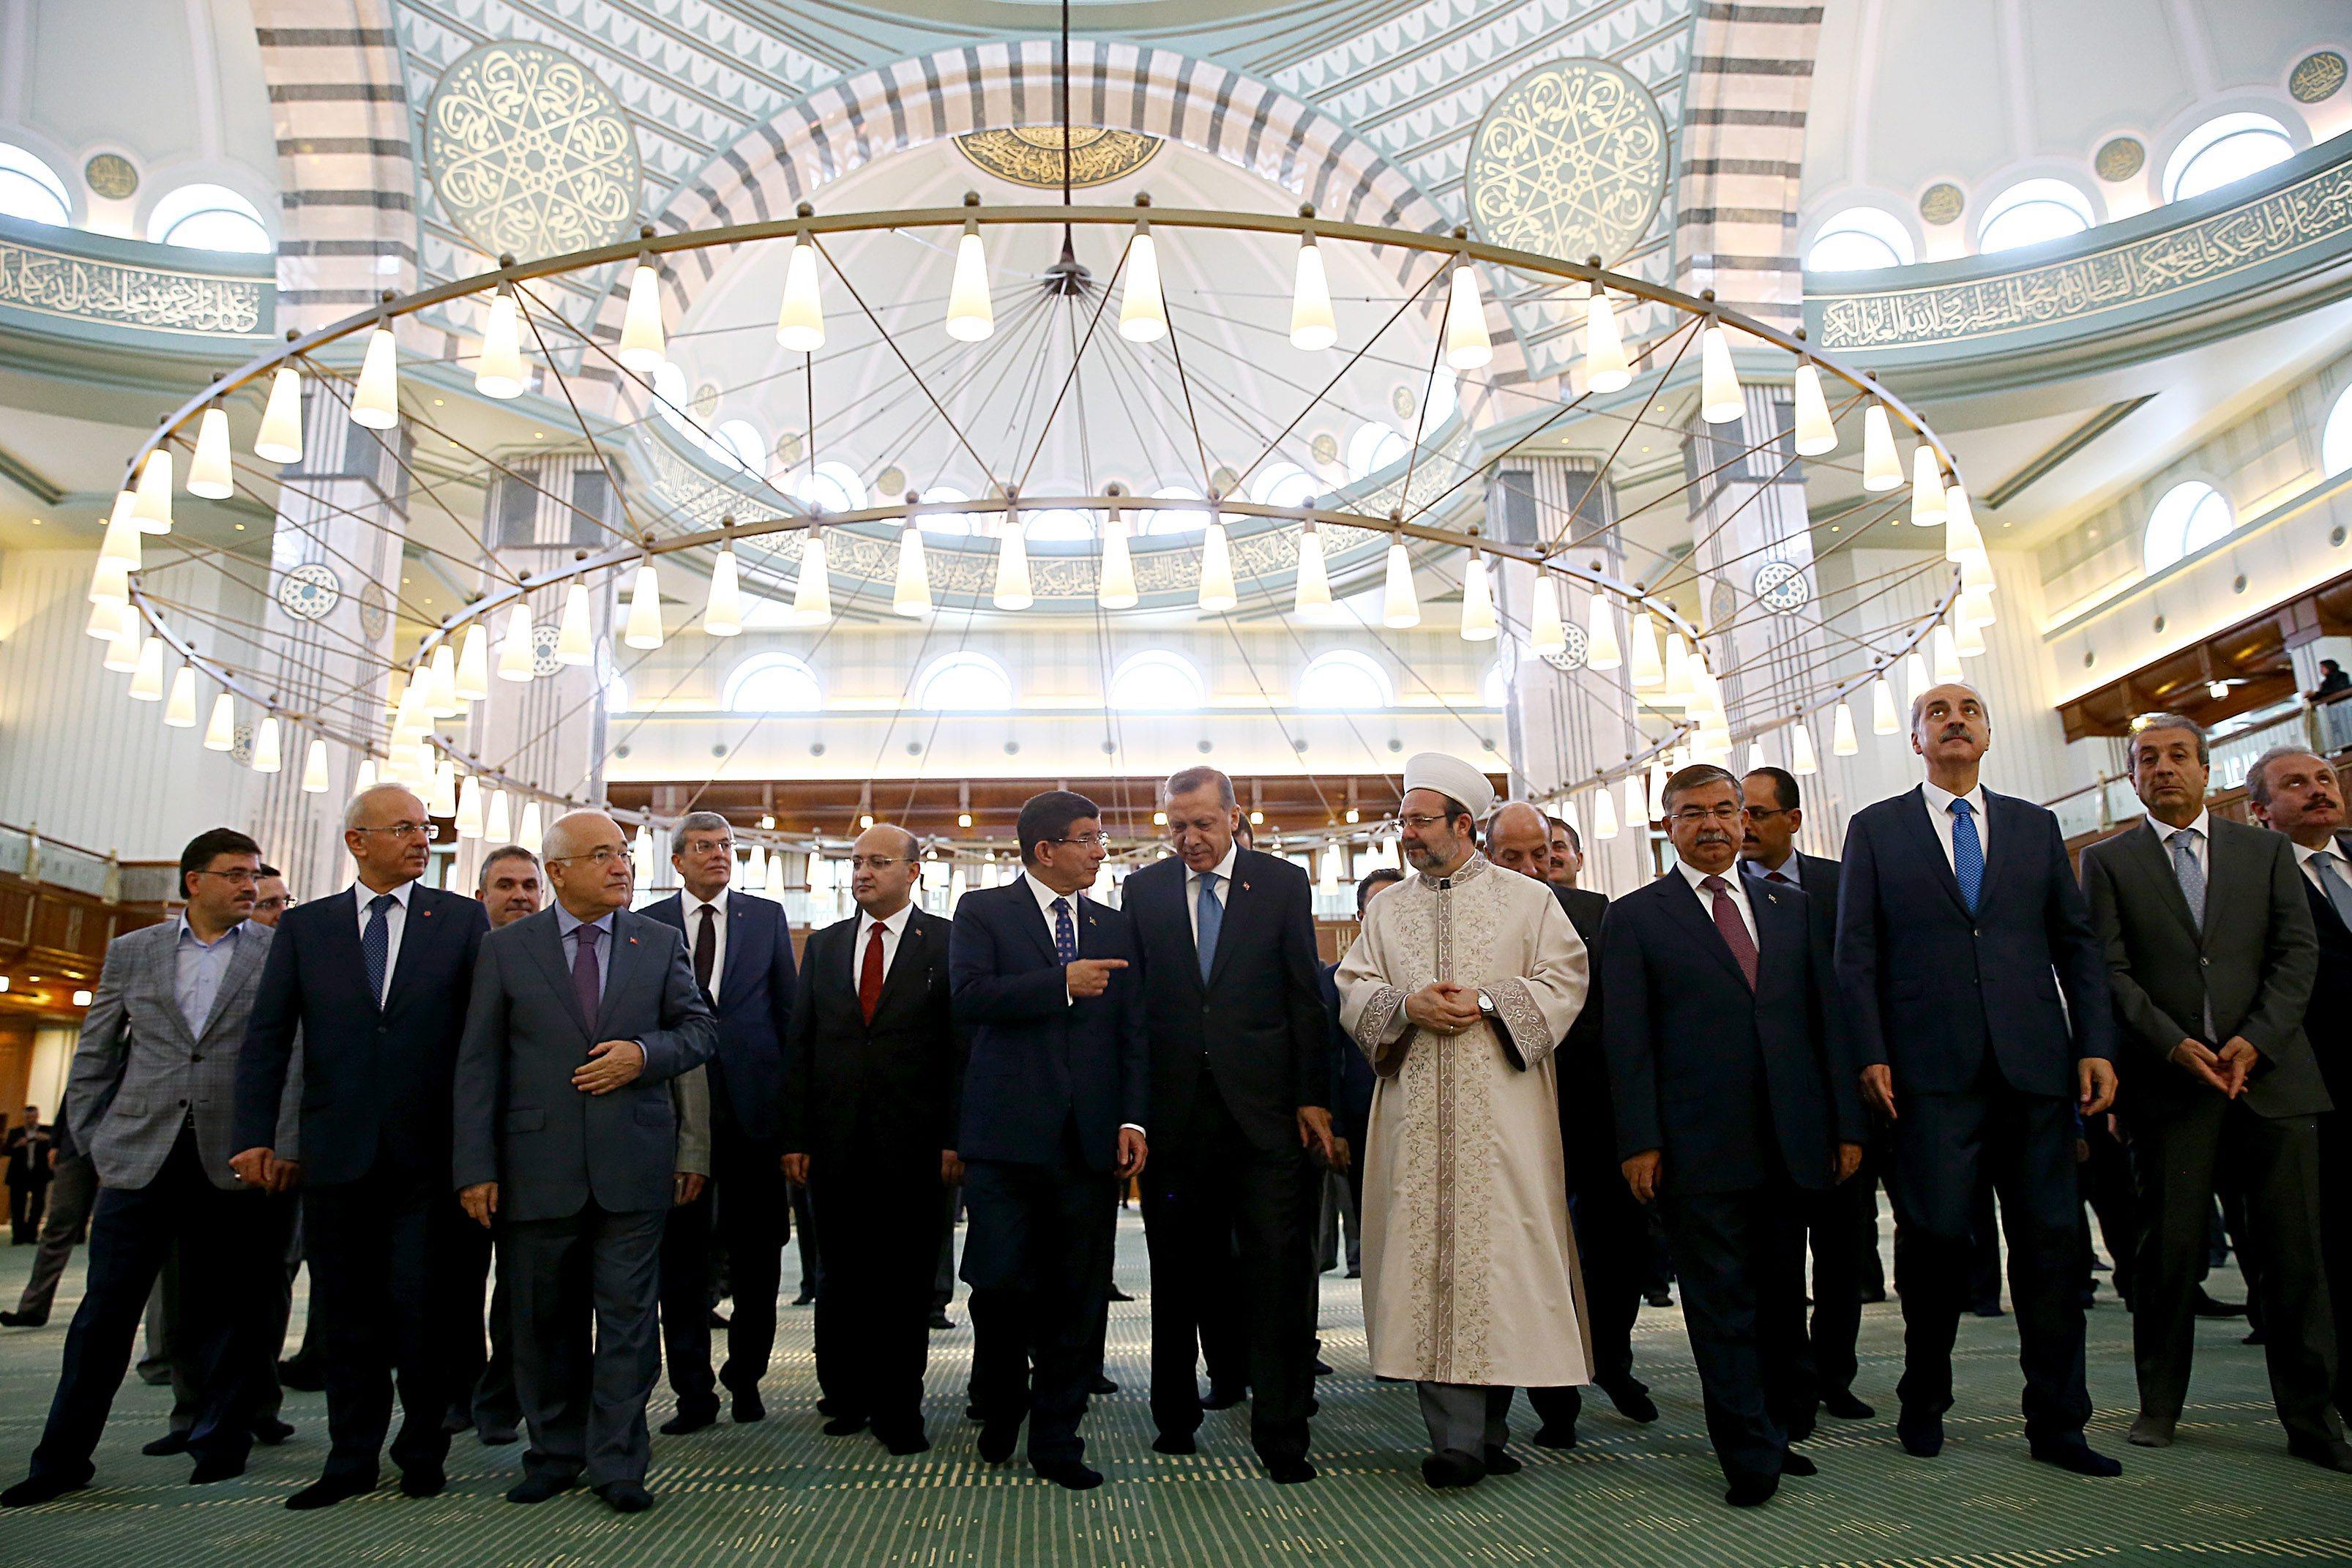 """В страната, в която 2 милиона души живeят с по-малко от 4 евро на ден, дворецът на президента Реджеп Ердоган ще накара дори Саддам Хюсеин да се изчерви. С тези думи Дейли Мейл"""" публикува впечатляващи разкази за двореца на турския президент. Аксарай, или Белият дворец, се шири на 4 декара и само построяването му струва повече от 600 милиона евро"""